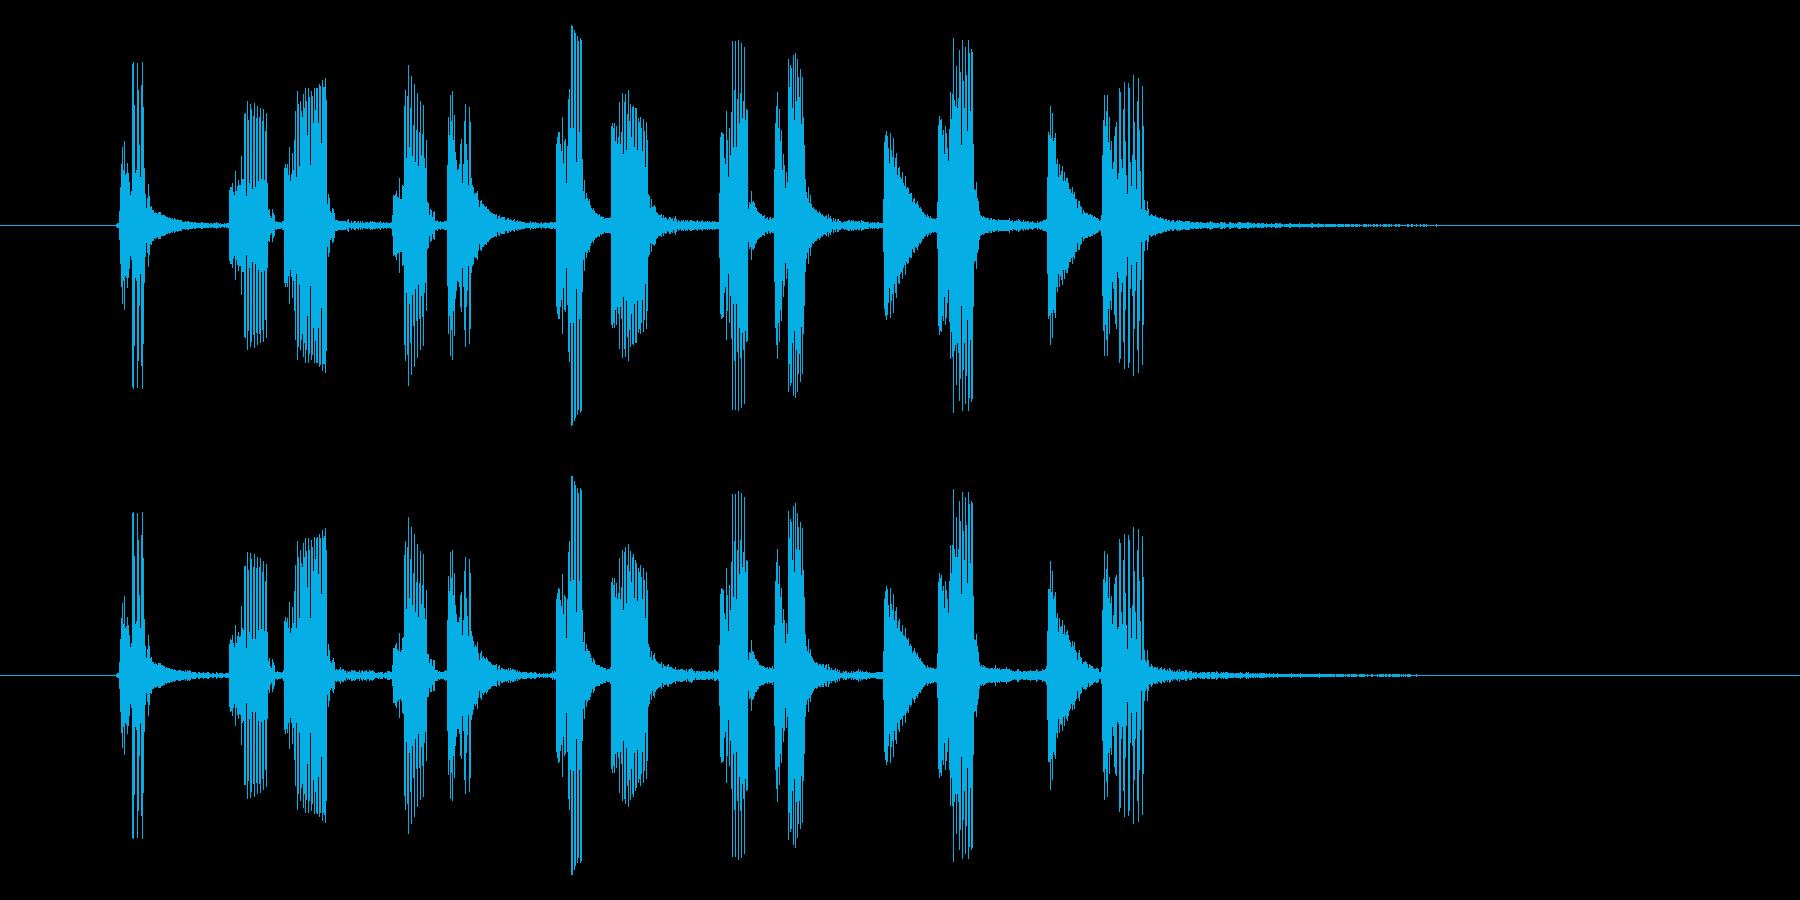 コミカルなリズム音(アニメ、ジングル)の再生済みの波形